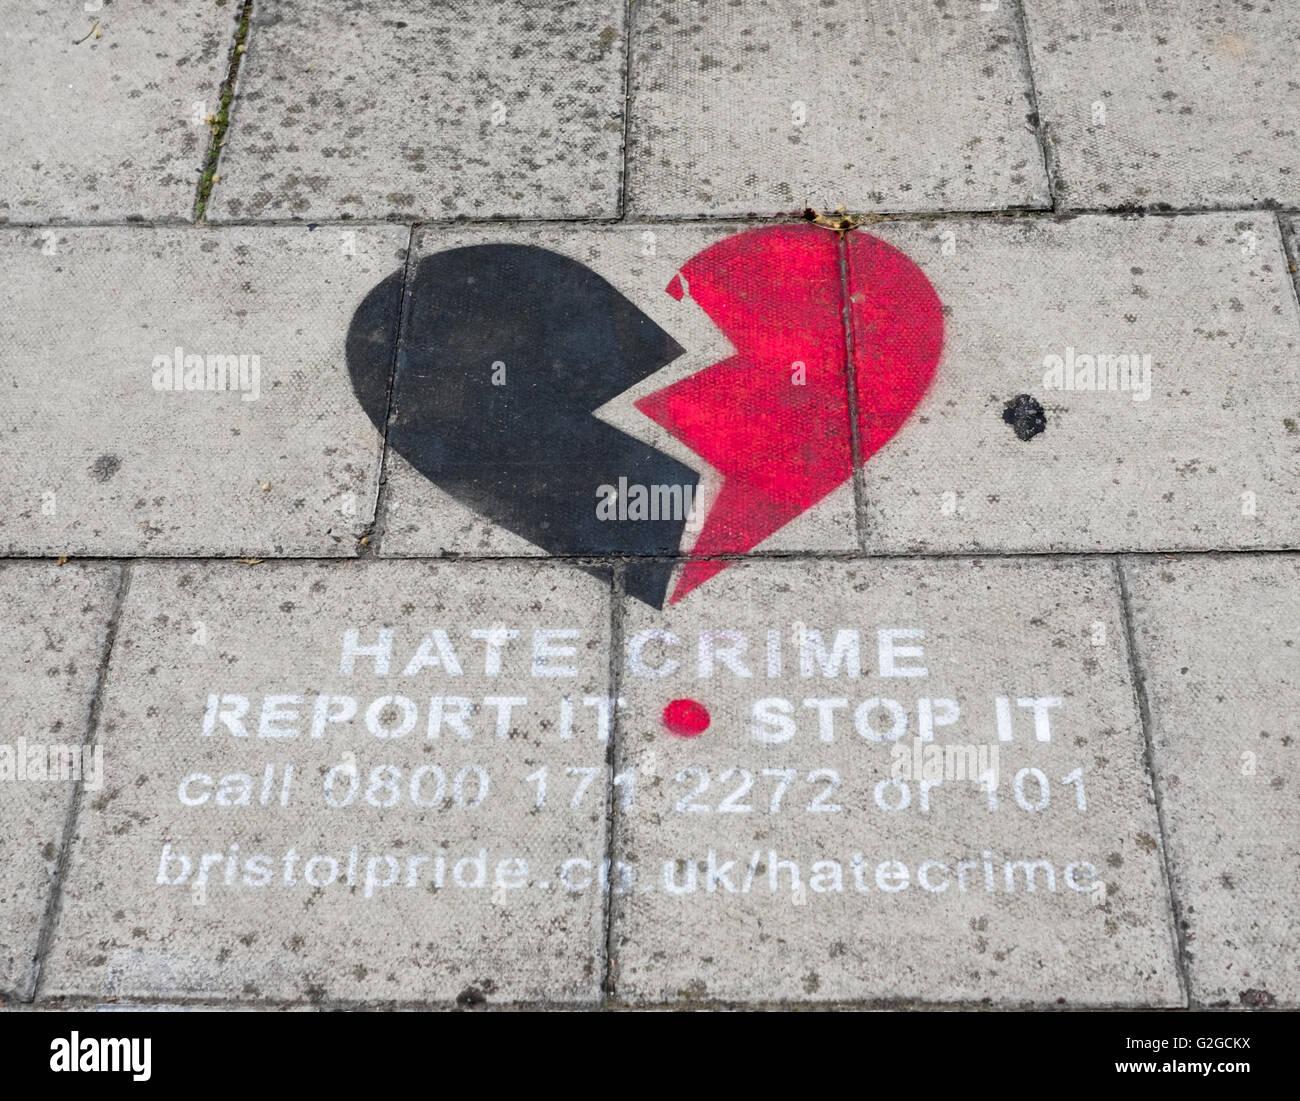 Pavimentazione murale evidenziando il sito di un odio la criminalità in Bristol Immagini Stock